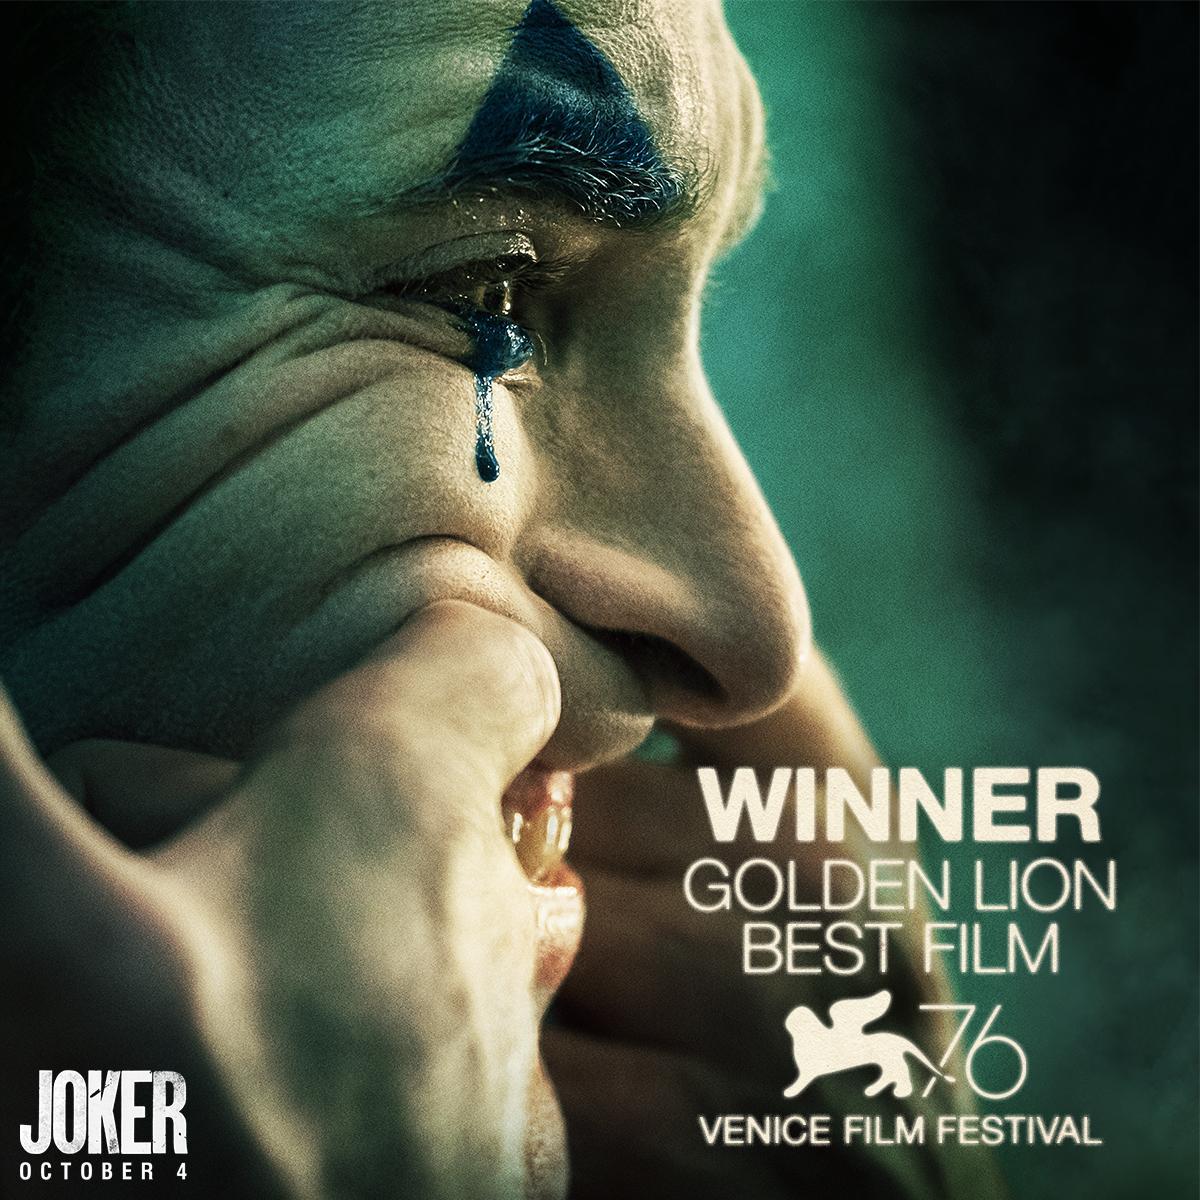 Lý do gì khiến Joker - một phim chuyển thể truyện tranh đoạt giải Sư Tử  Vàng cao quý?